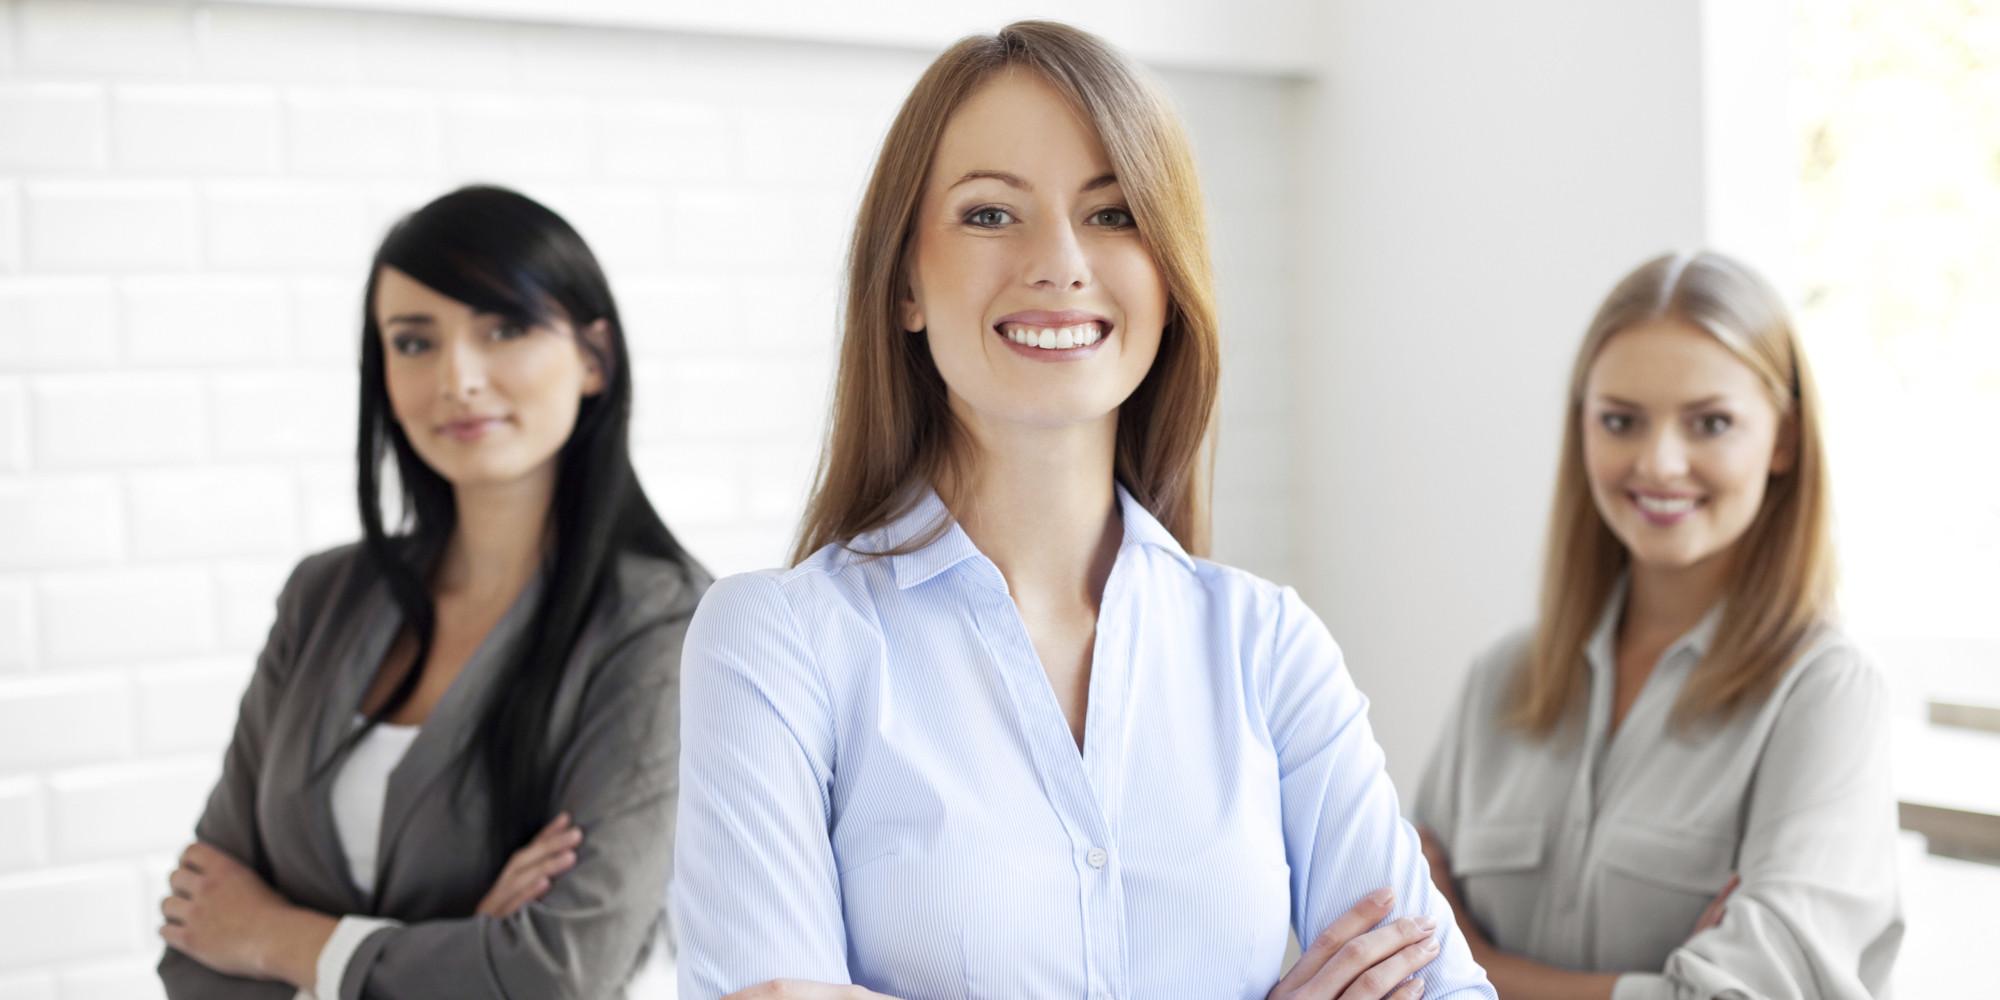 o-women-in-workplace-facebook.jpg